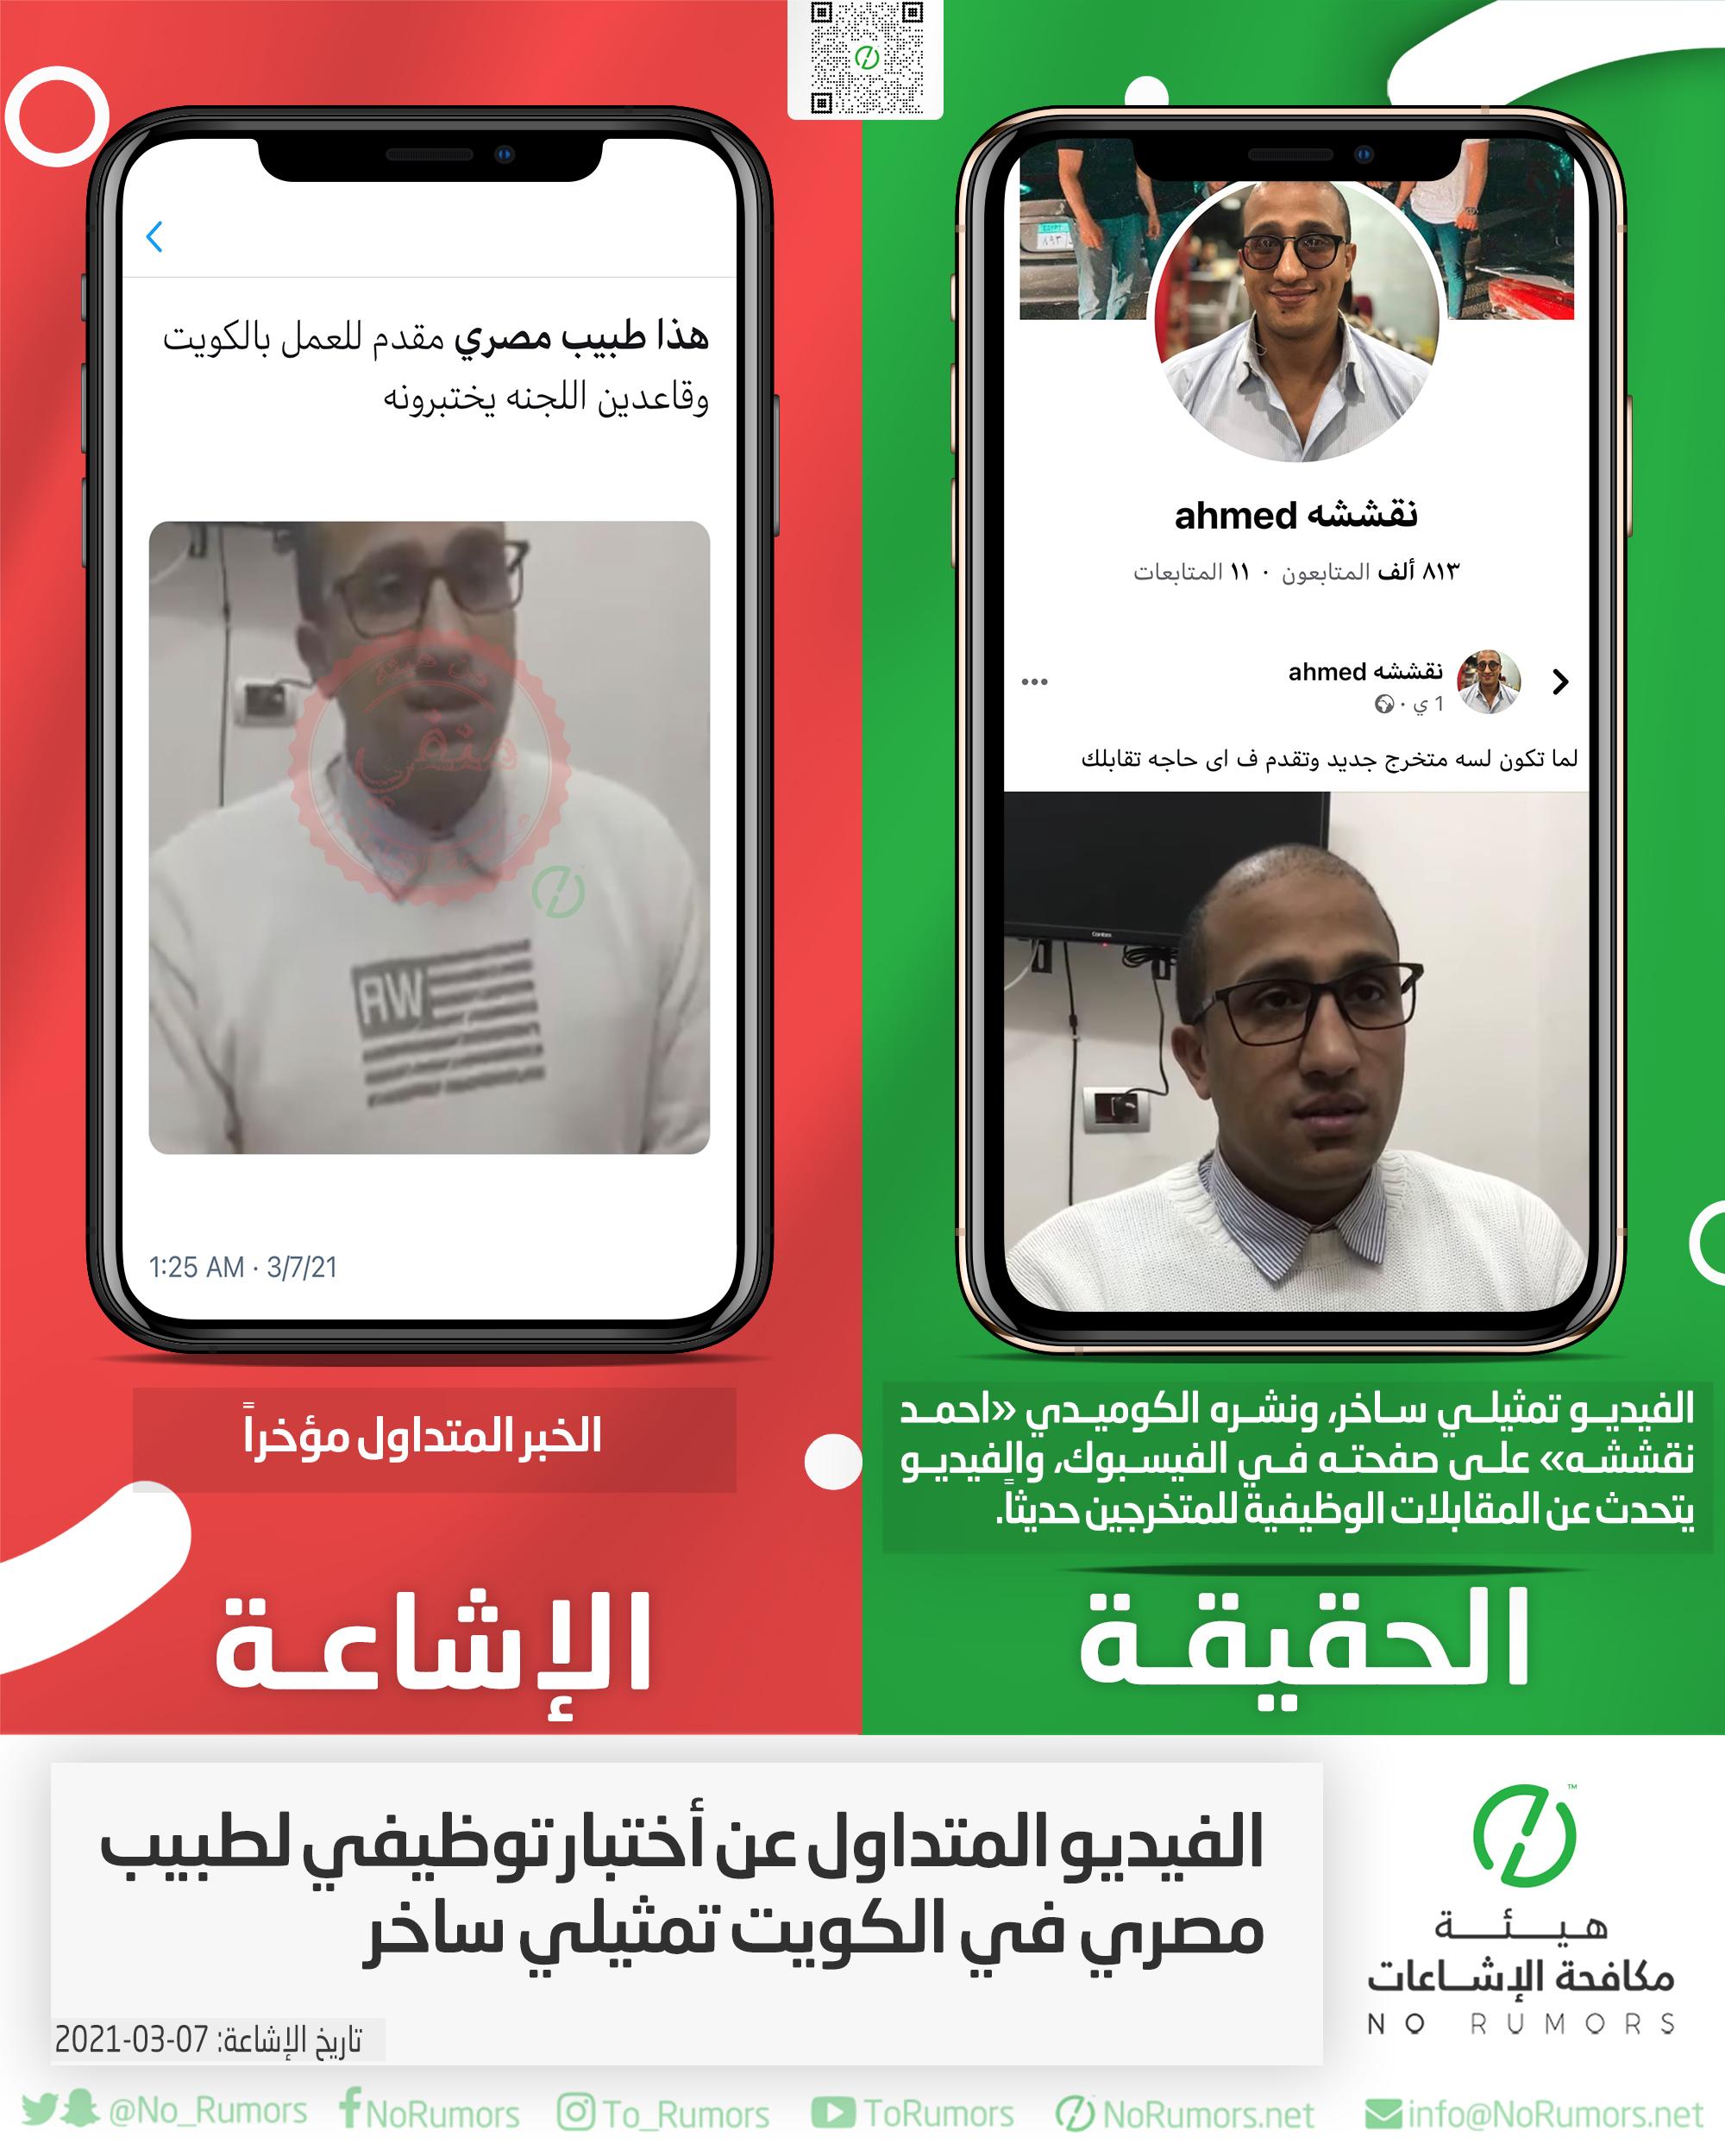 حقيقة الفيديو المتداول عن أختبار توظيفي لطبيب مصري في الكويت